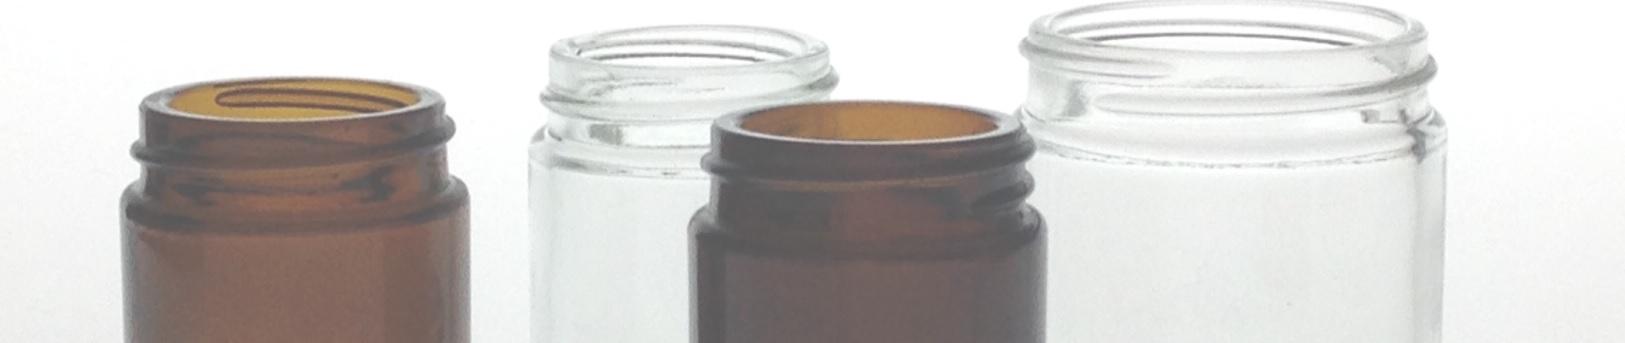 Pots pharmaceutiques en verre